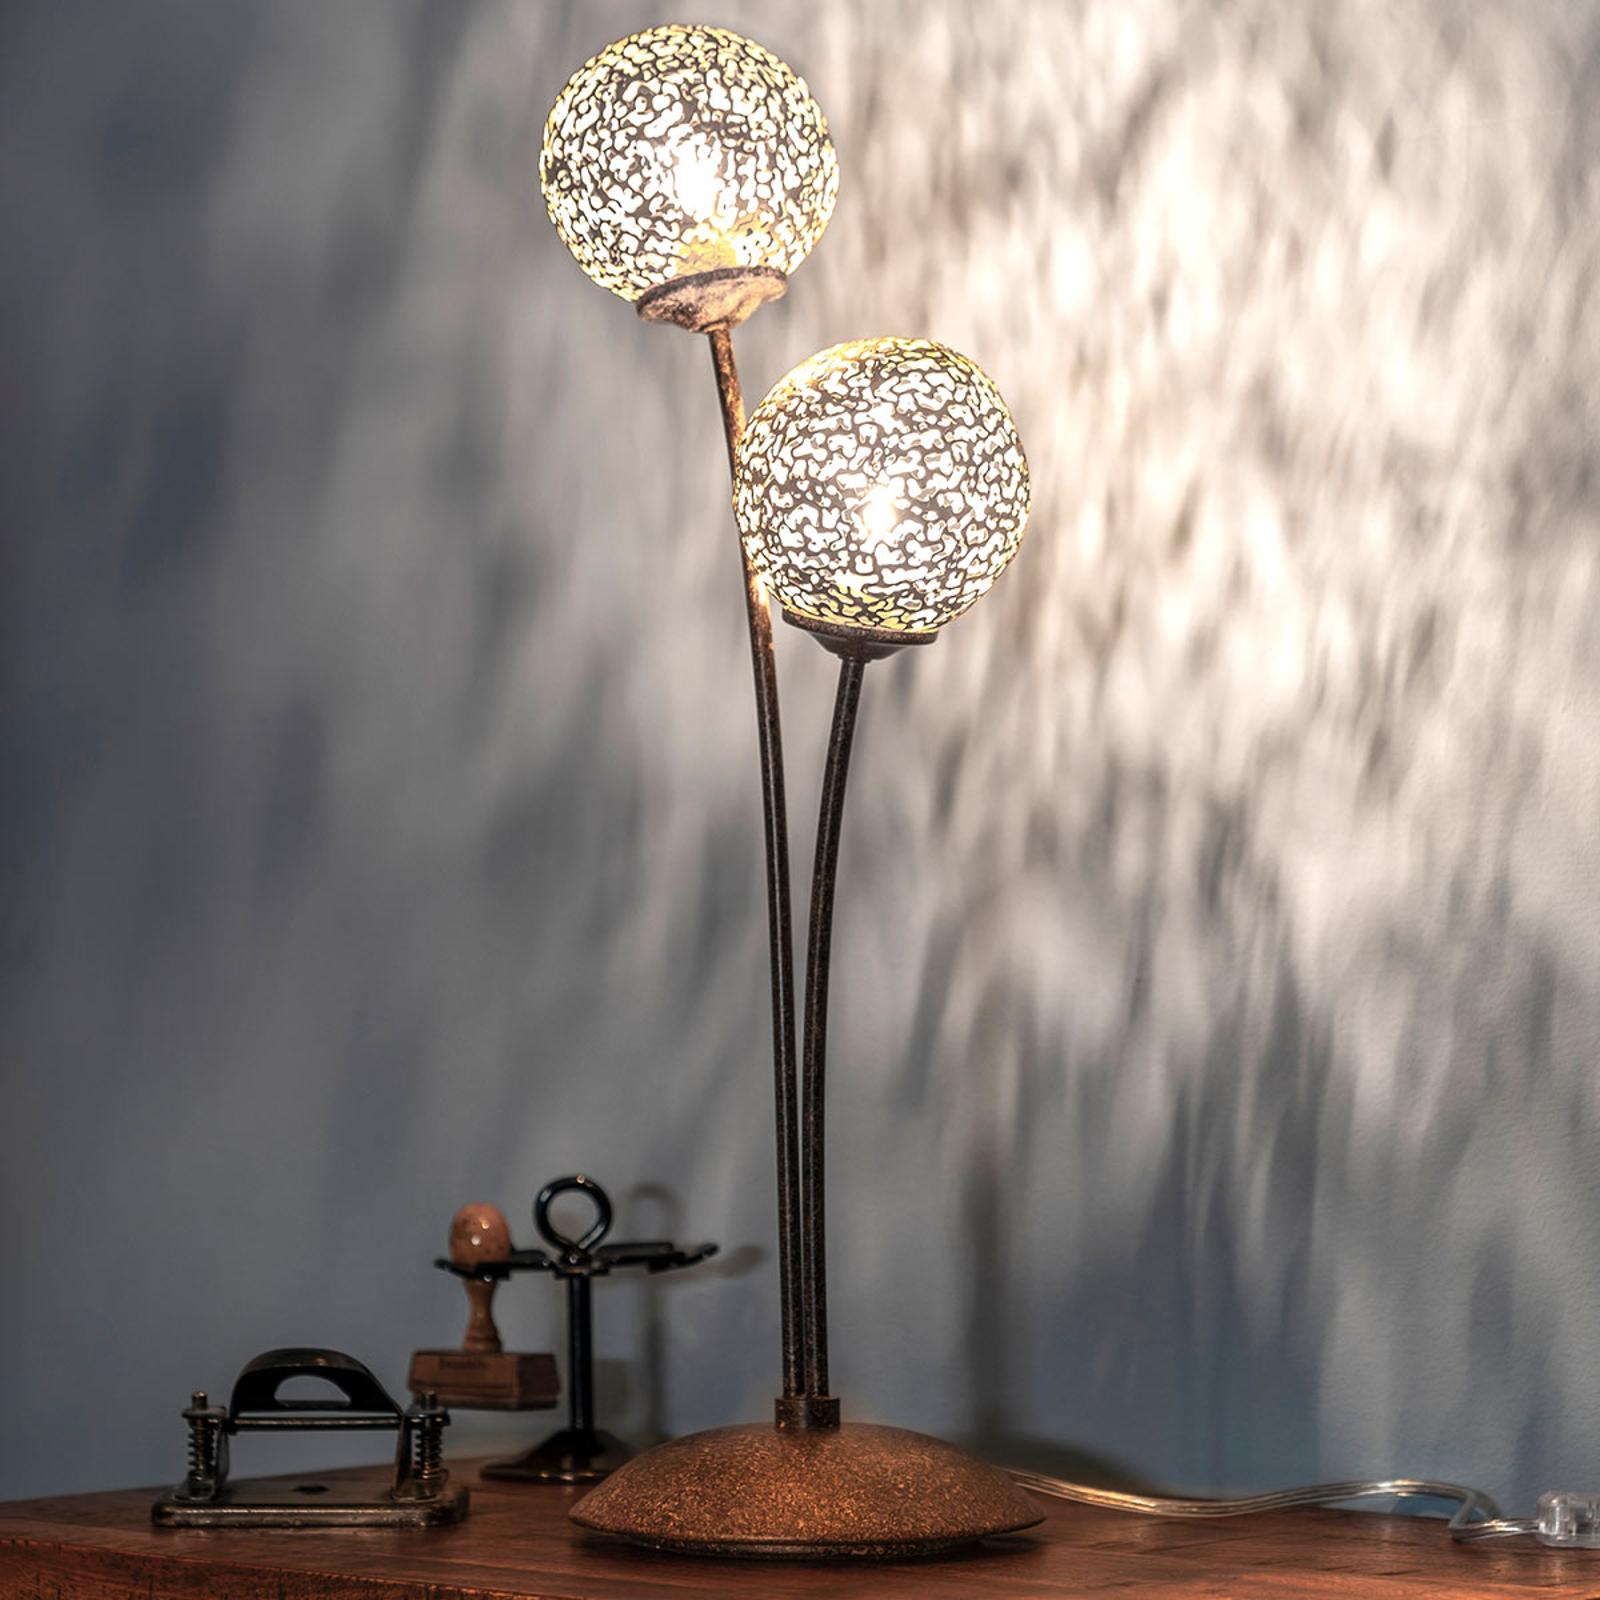 Lampada da tavolo Greta look ruggine, 2 luci